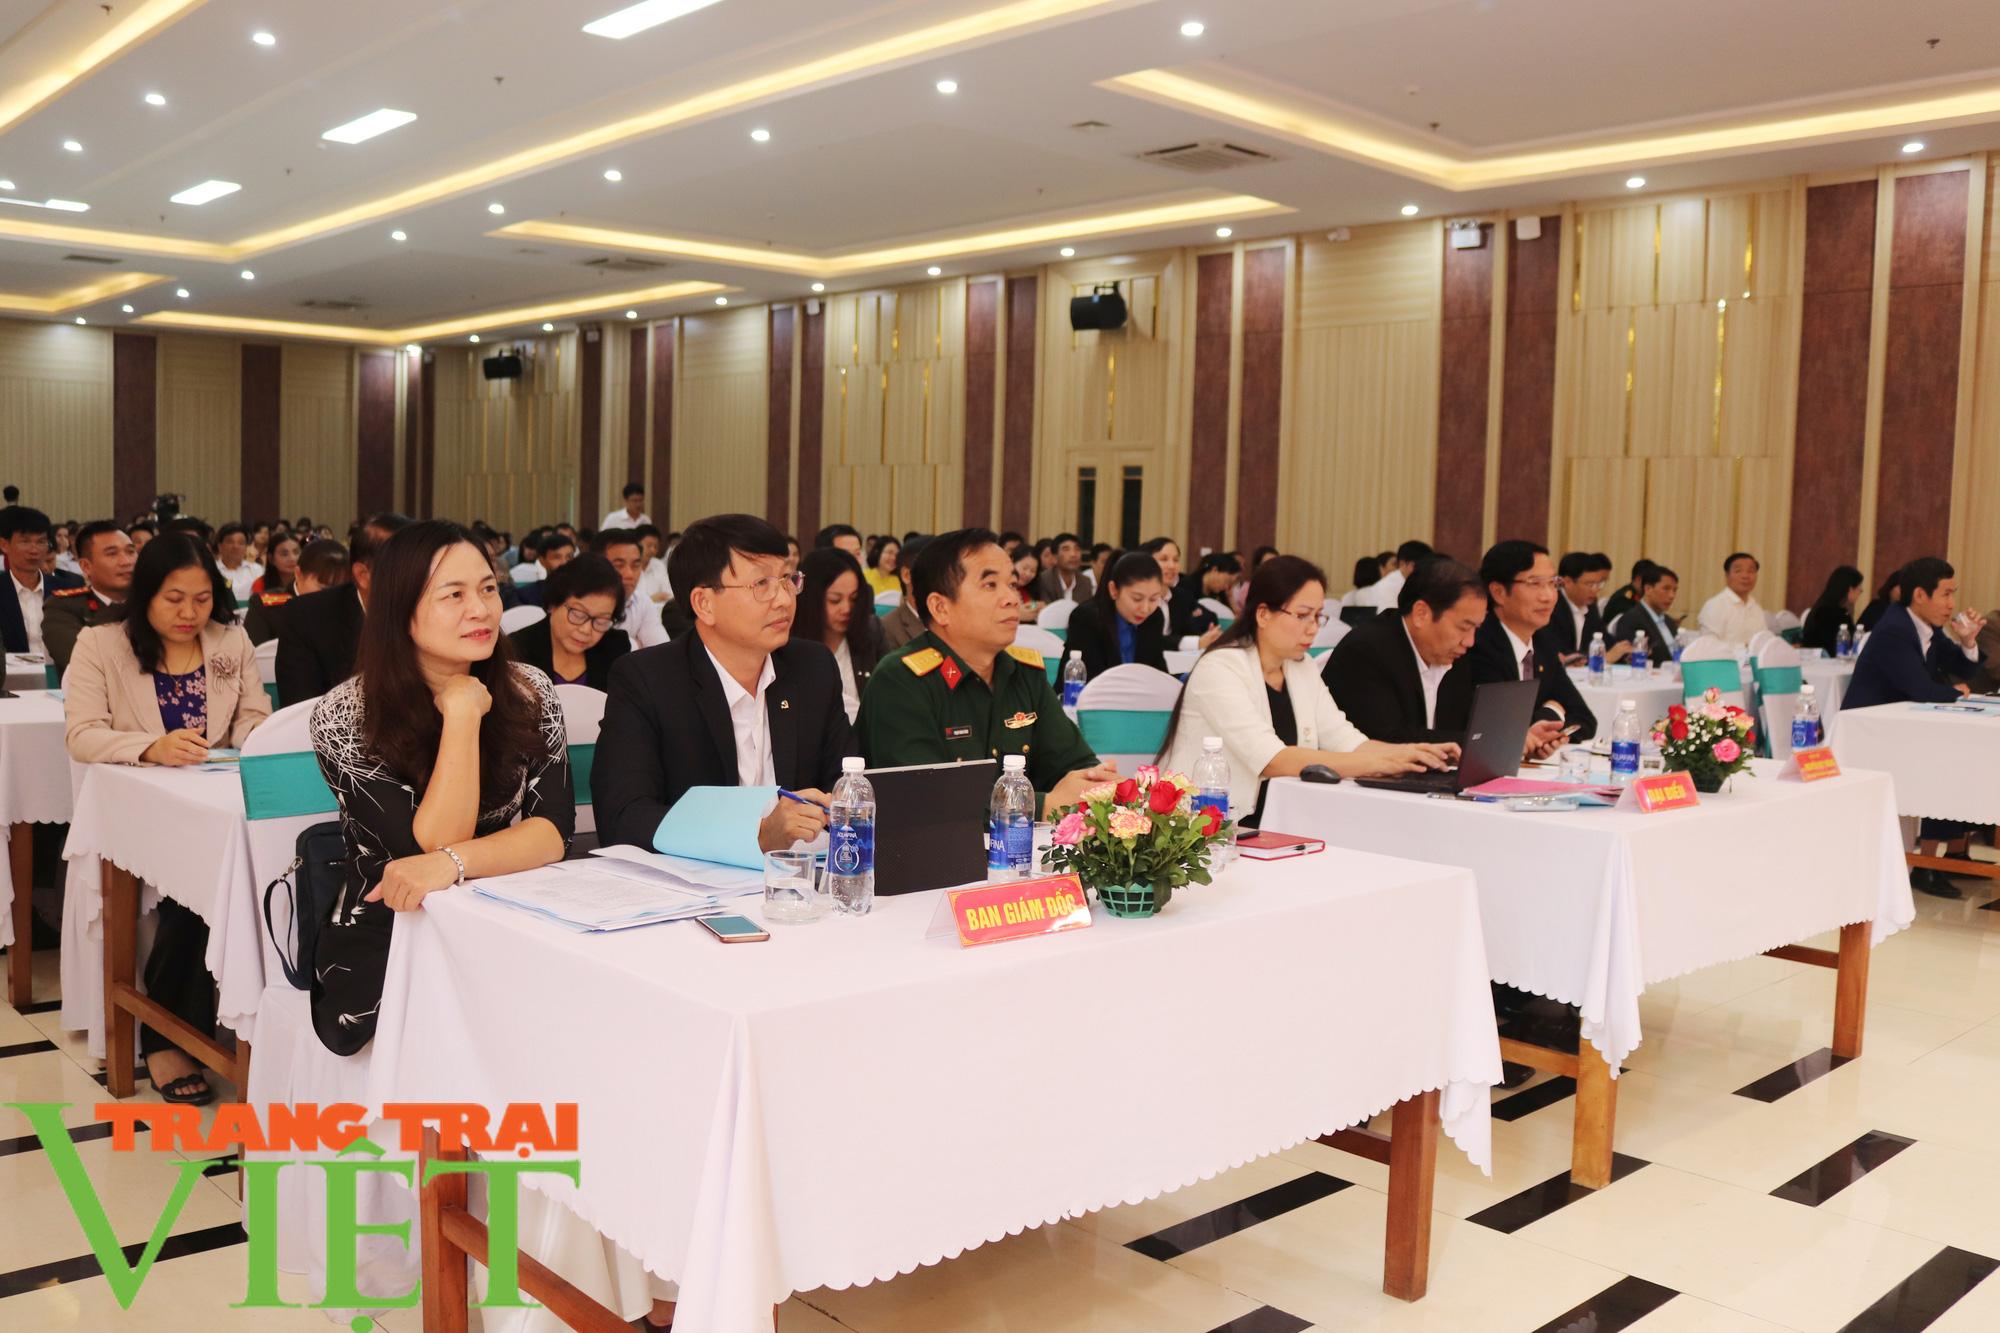 Xây dựng tỉnh Sơn La thành trung tâm giáo dục đào tạo của vùng Tây Bắc - Ảnh 2.